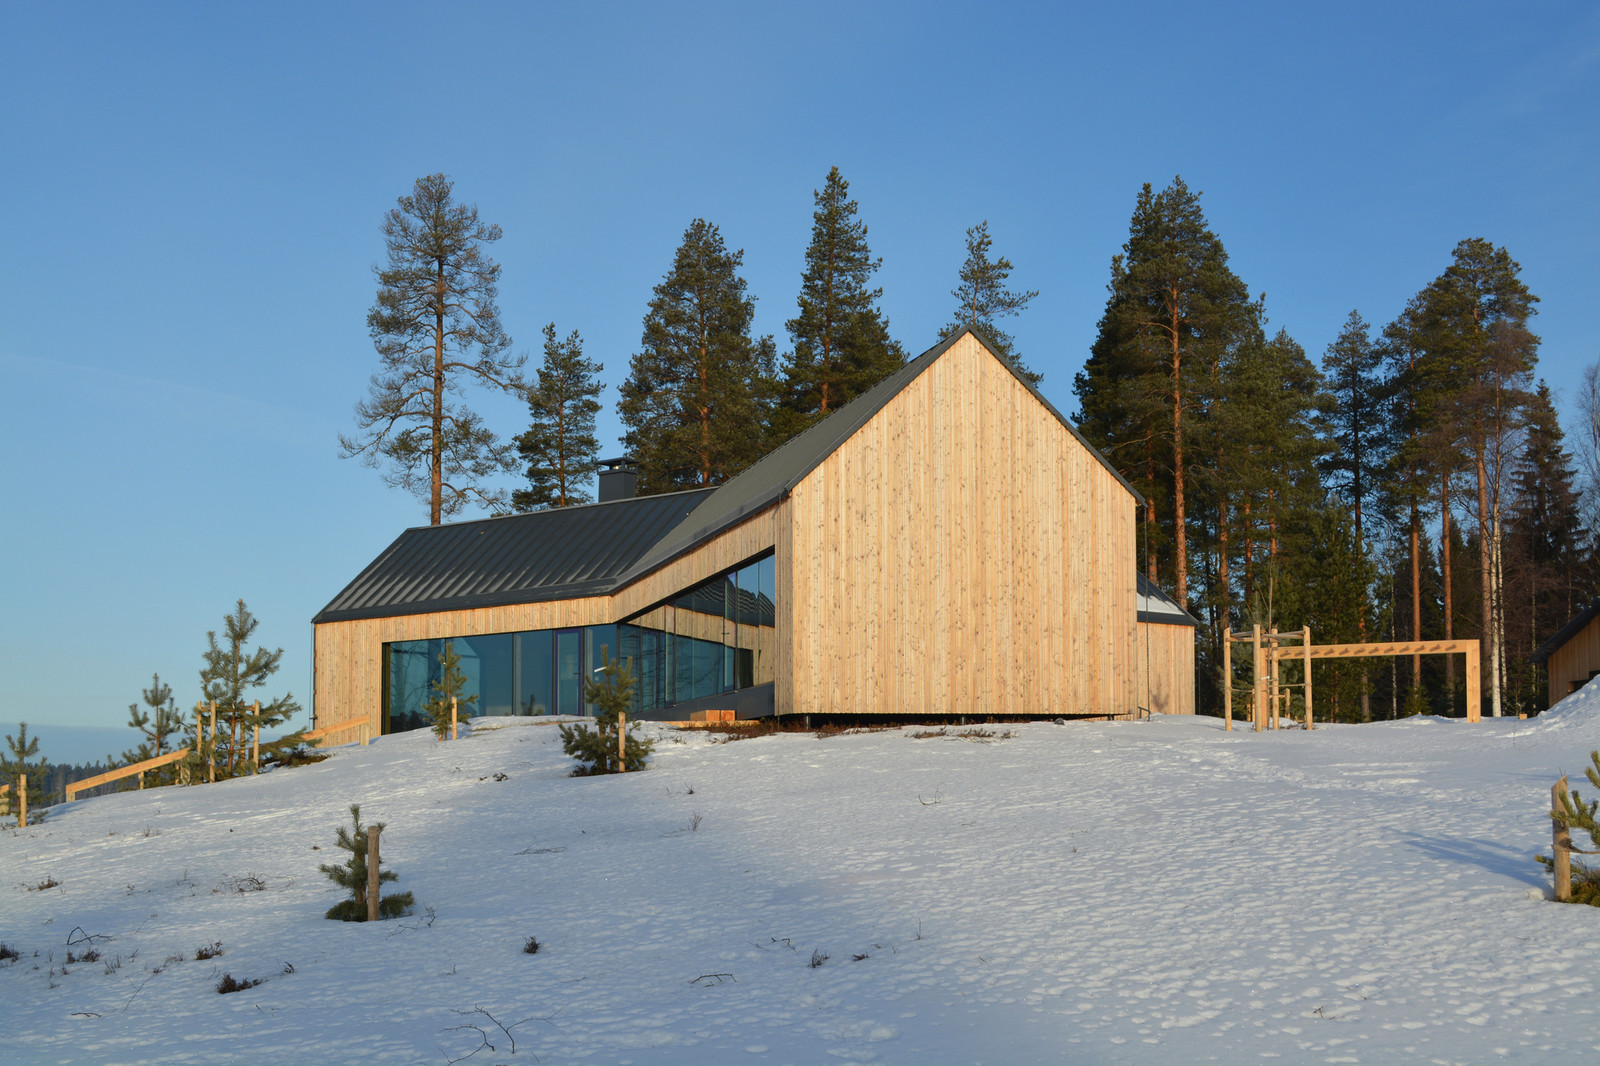 загородный дом скандинавский стиль